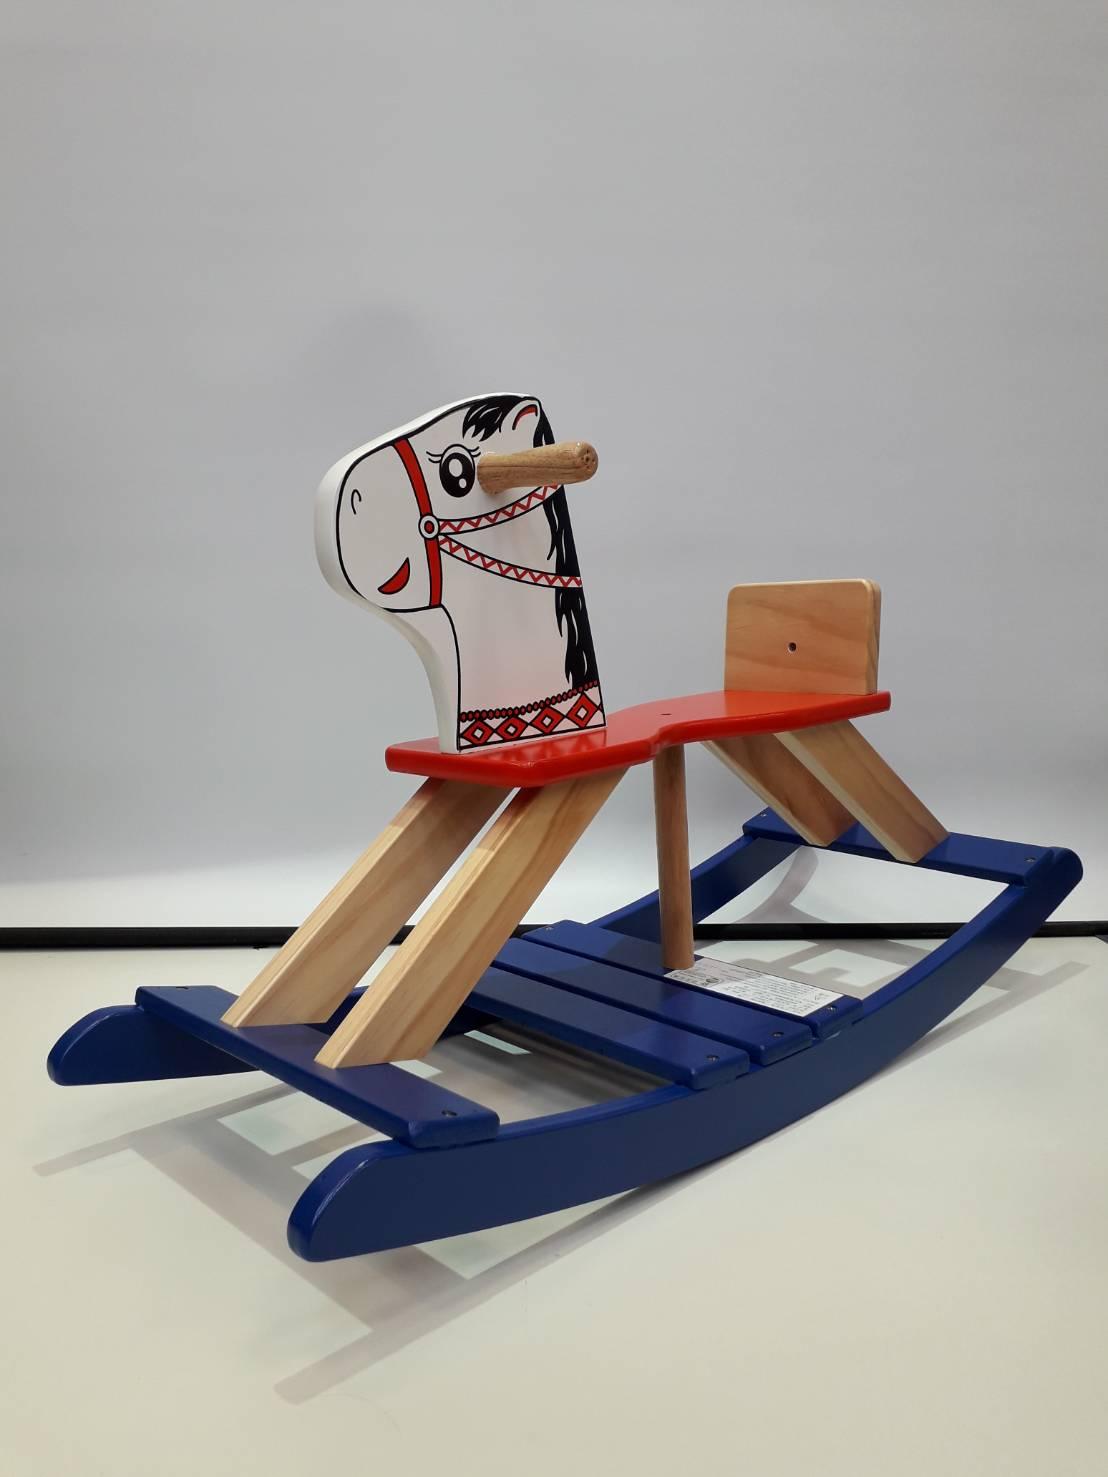 【淘氣寶寶】 原木復古小木馬/搖搖馬 台灣製造(許多大人的共同回憶)